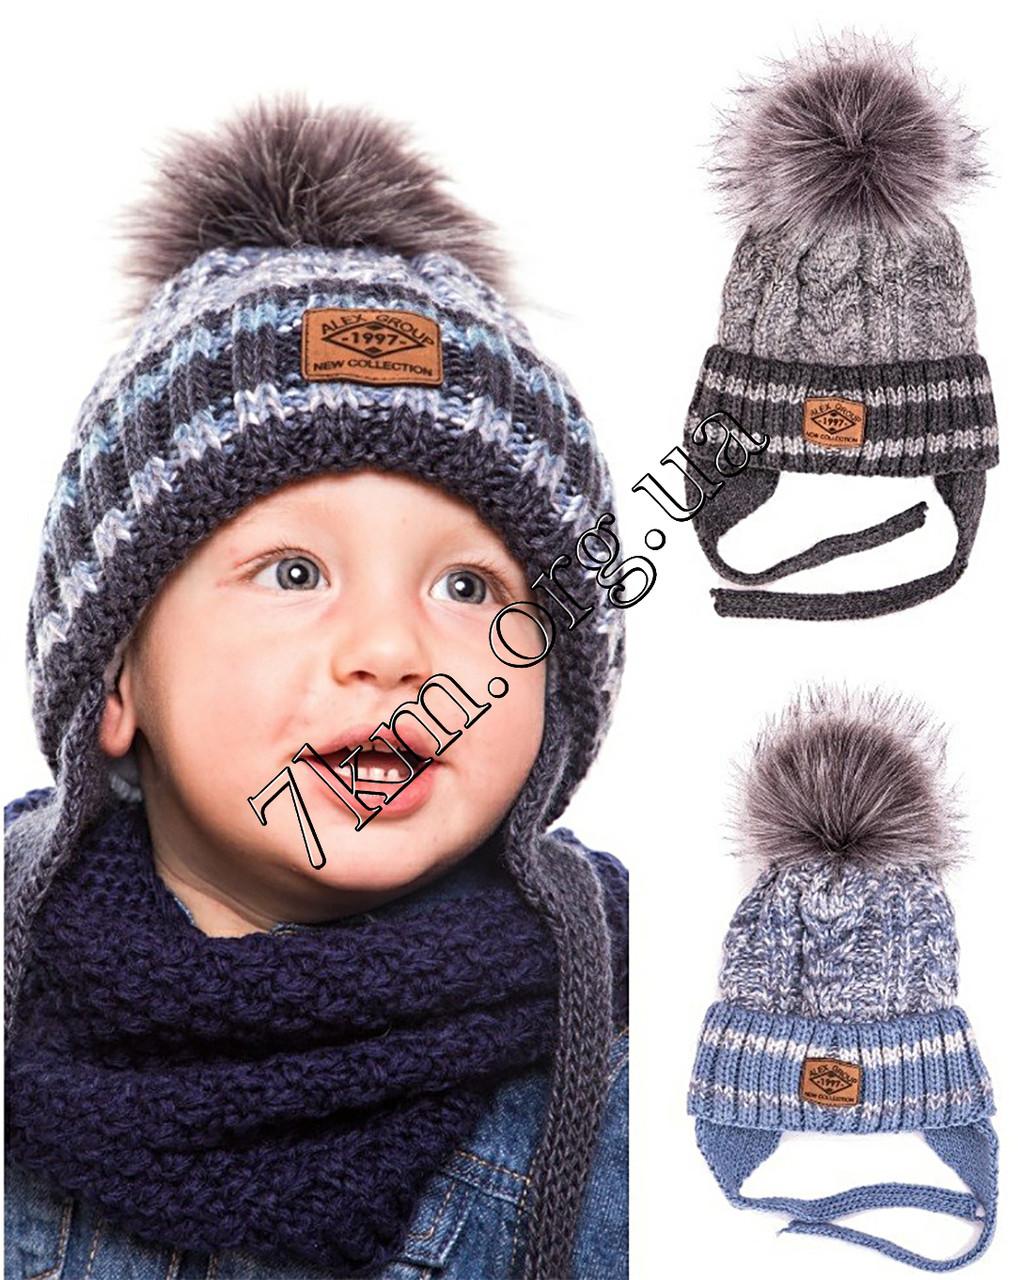 Шапка детская для мальчиков вязка +завязки 46-50 р.р. Украина Оптом 1041